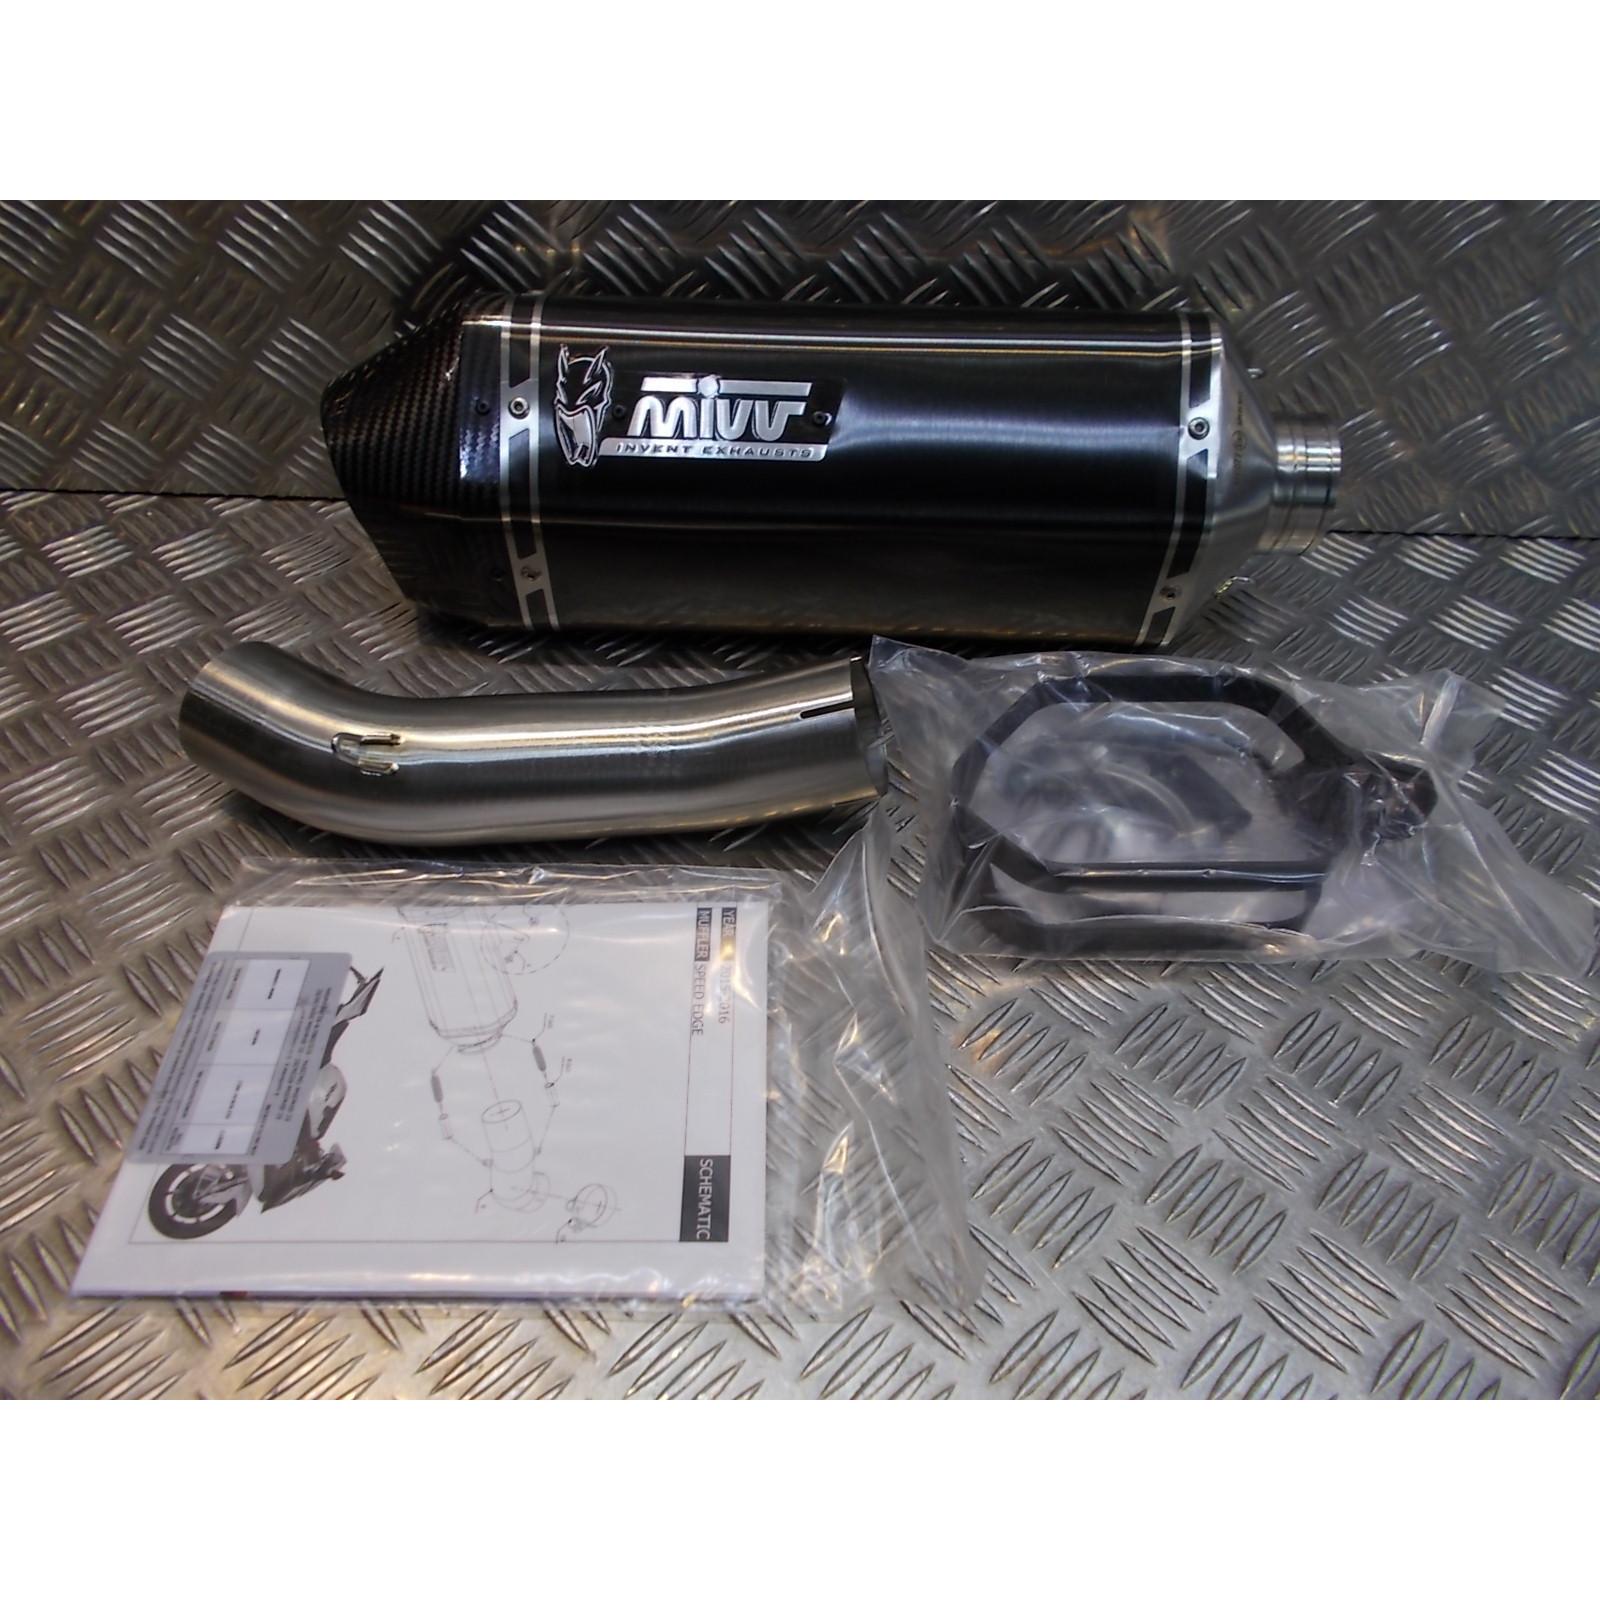 silencieux mivv speed edge inox noir carbone moto bmw s 1000 rr 76021530 B.029.LRB pot echappement s10000rr